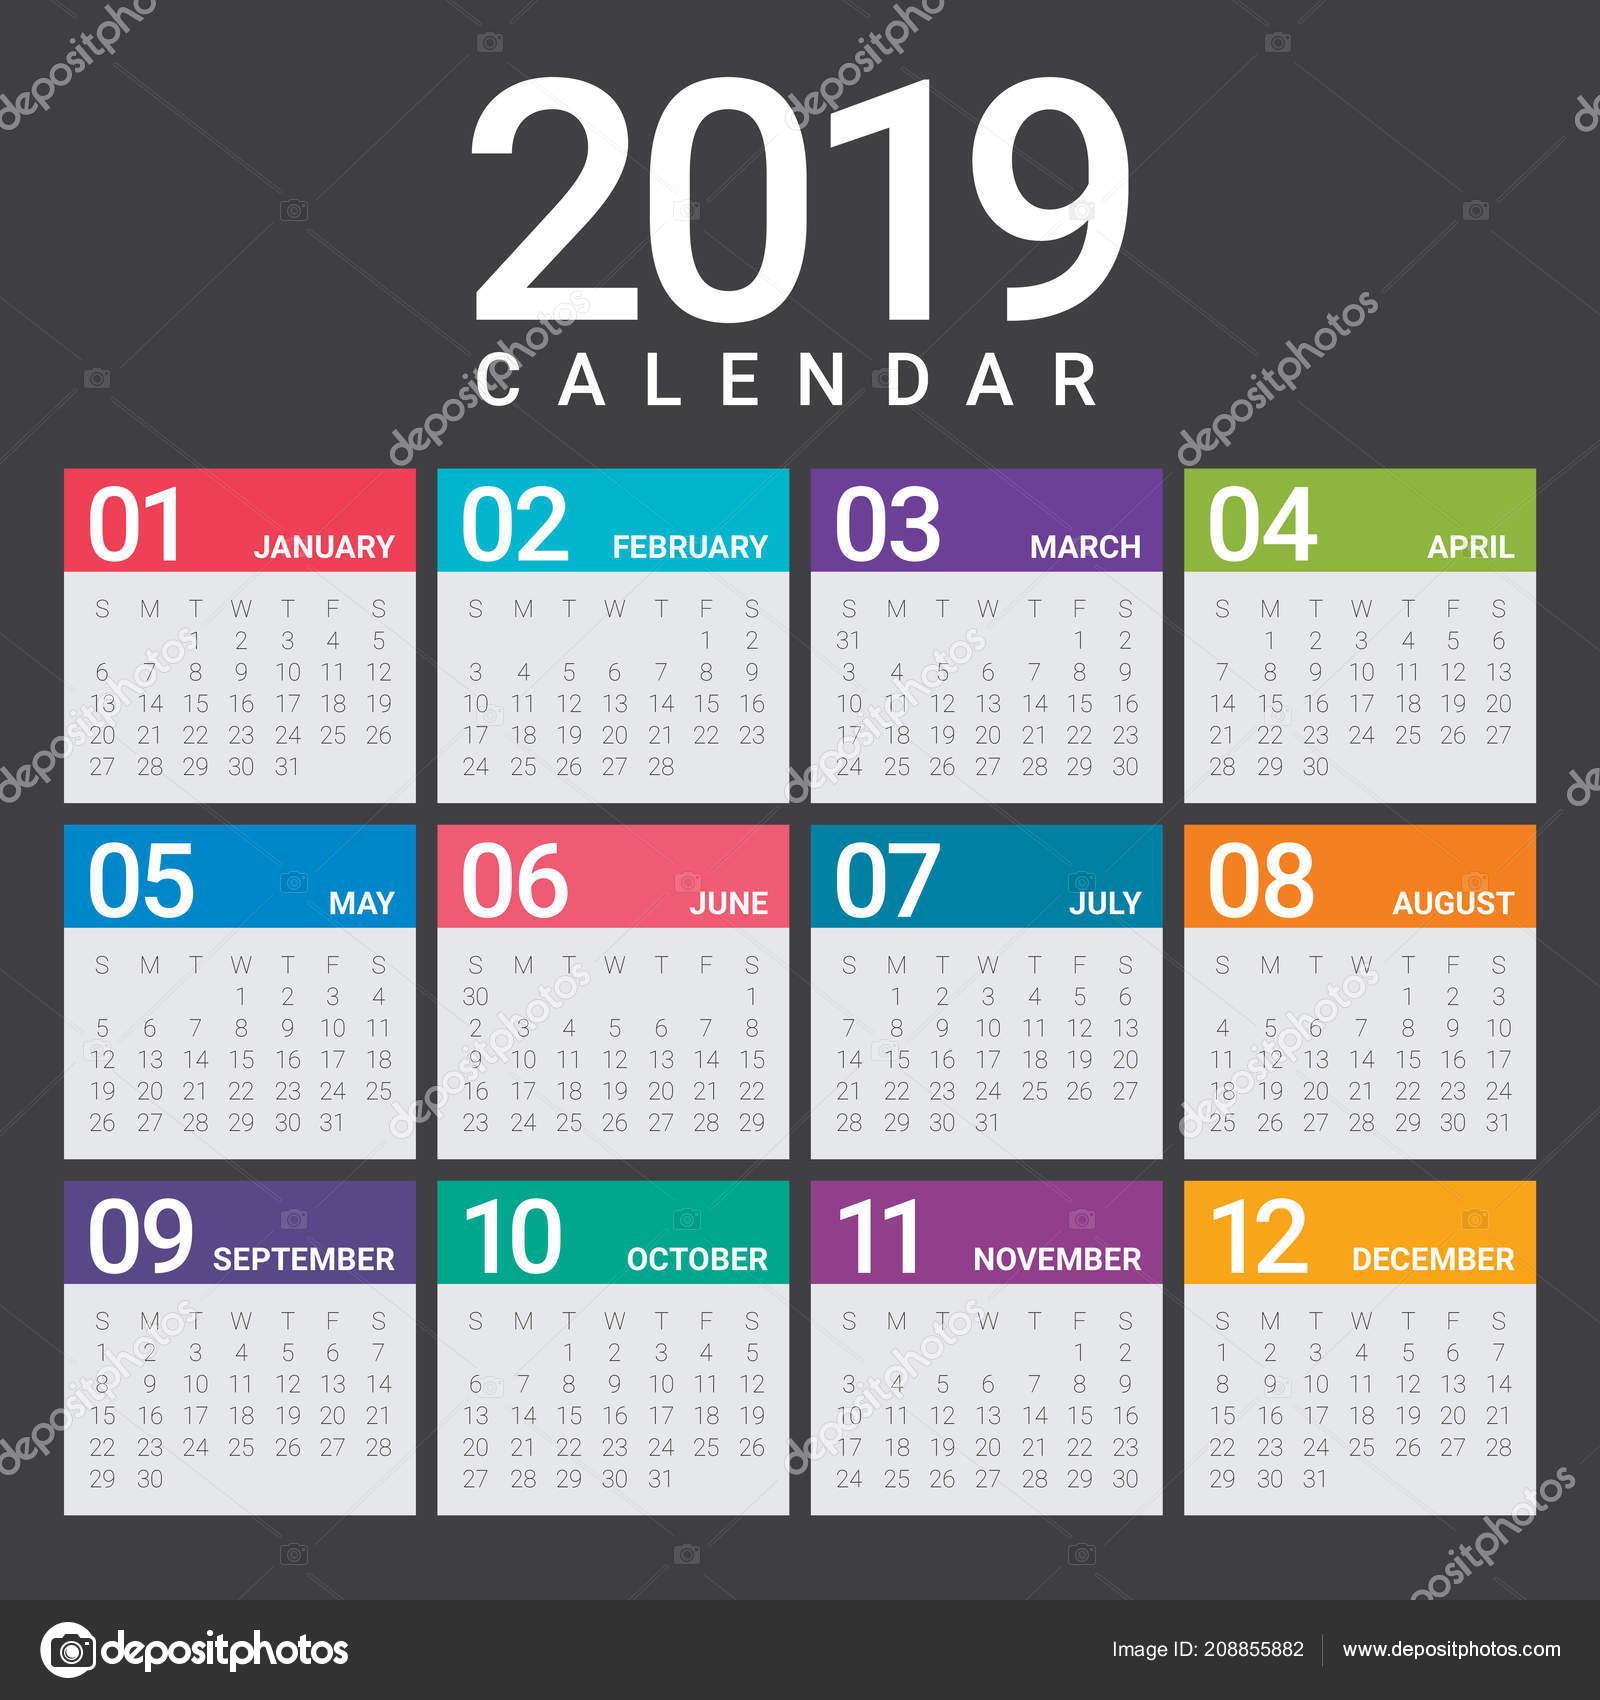 jahr 2019 kalender vektor entwurfsvorlage einfachen und. Black Bedroom Furniture Sets. Home Design Ideas